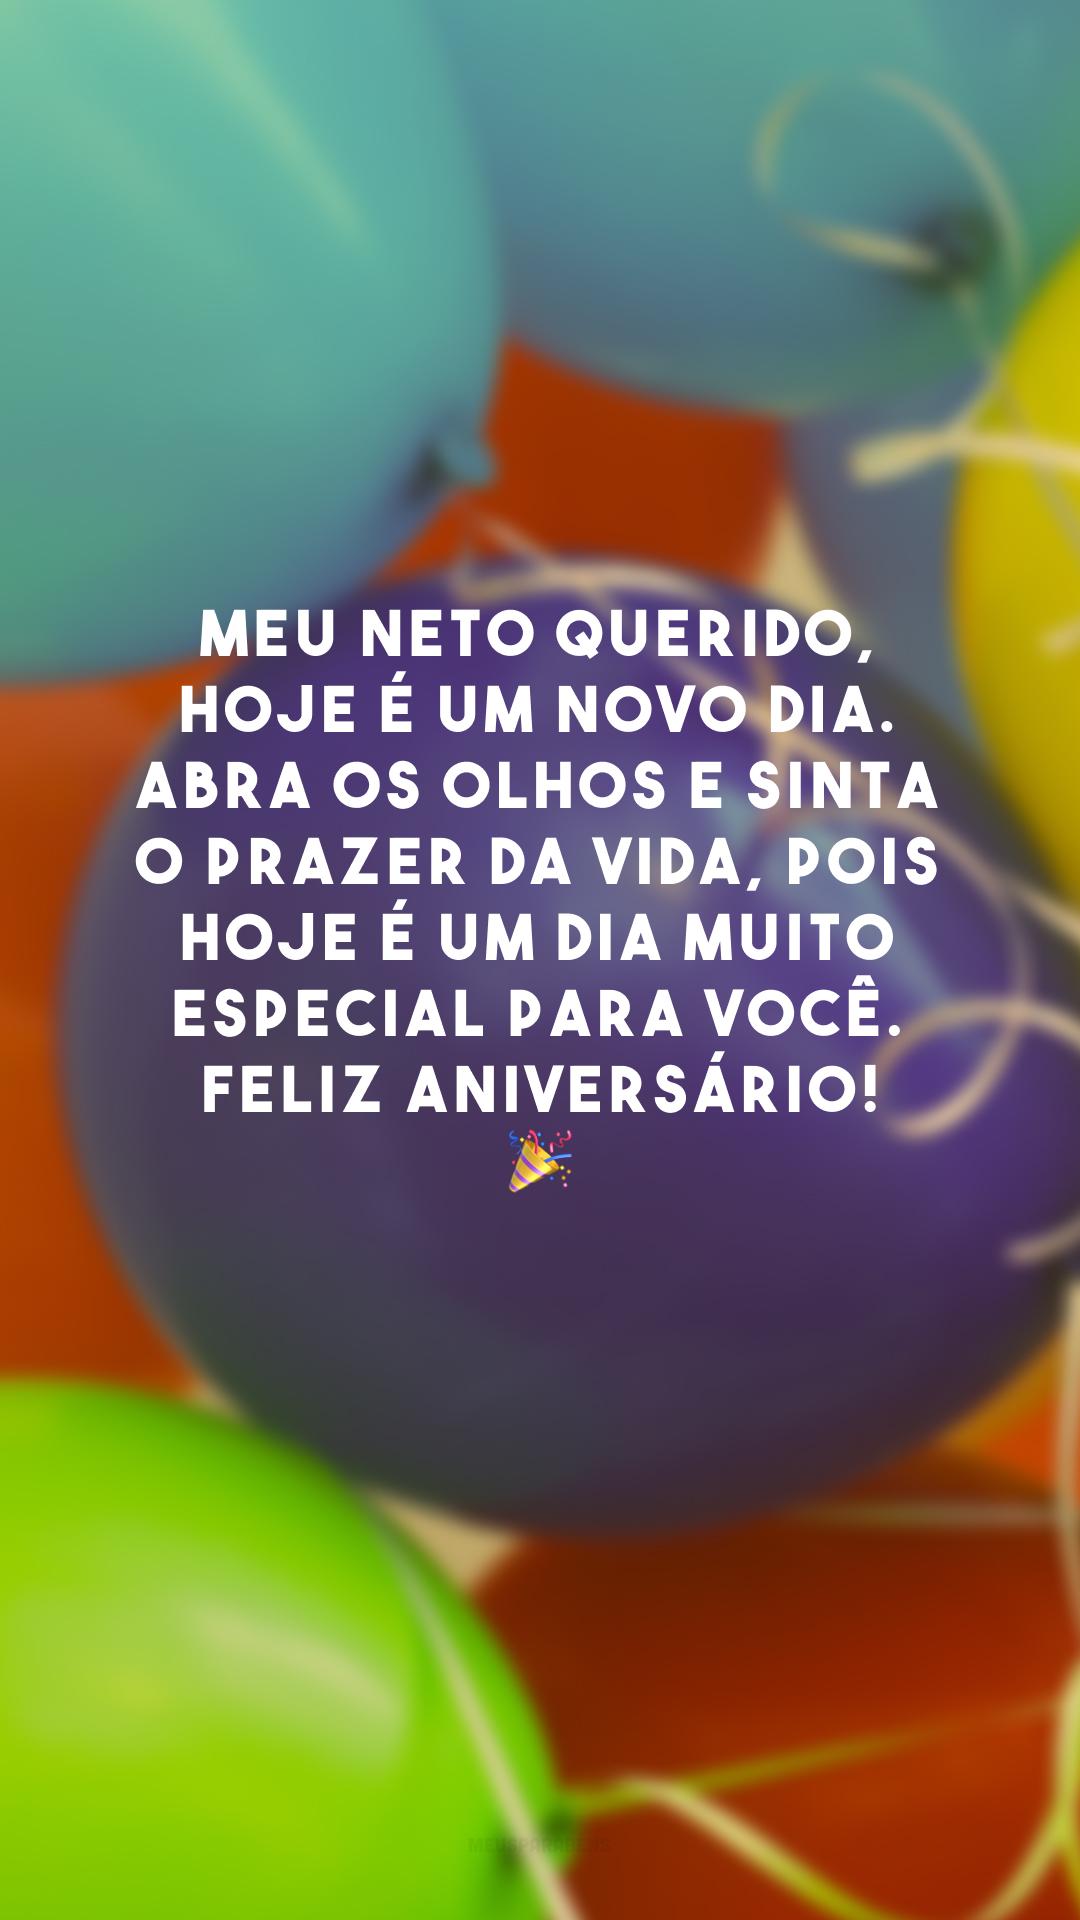 Meu neto querido, hoje é um novo dia. Abra os olhos e sinta o prazer da vida, pois hoje é um dia muito especial para você. Feliz aniversário! 🎉